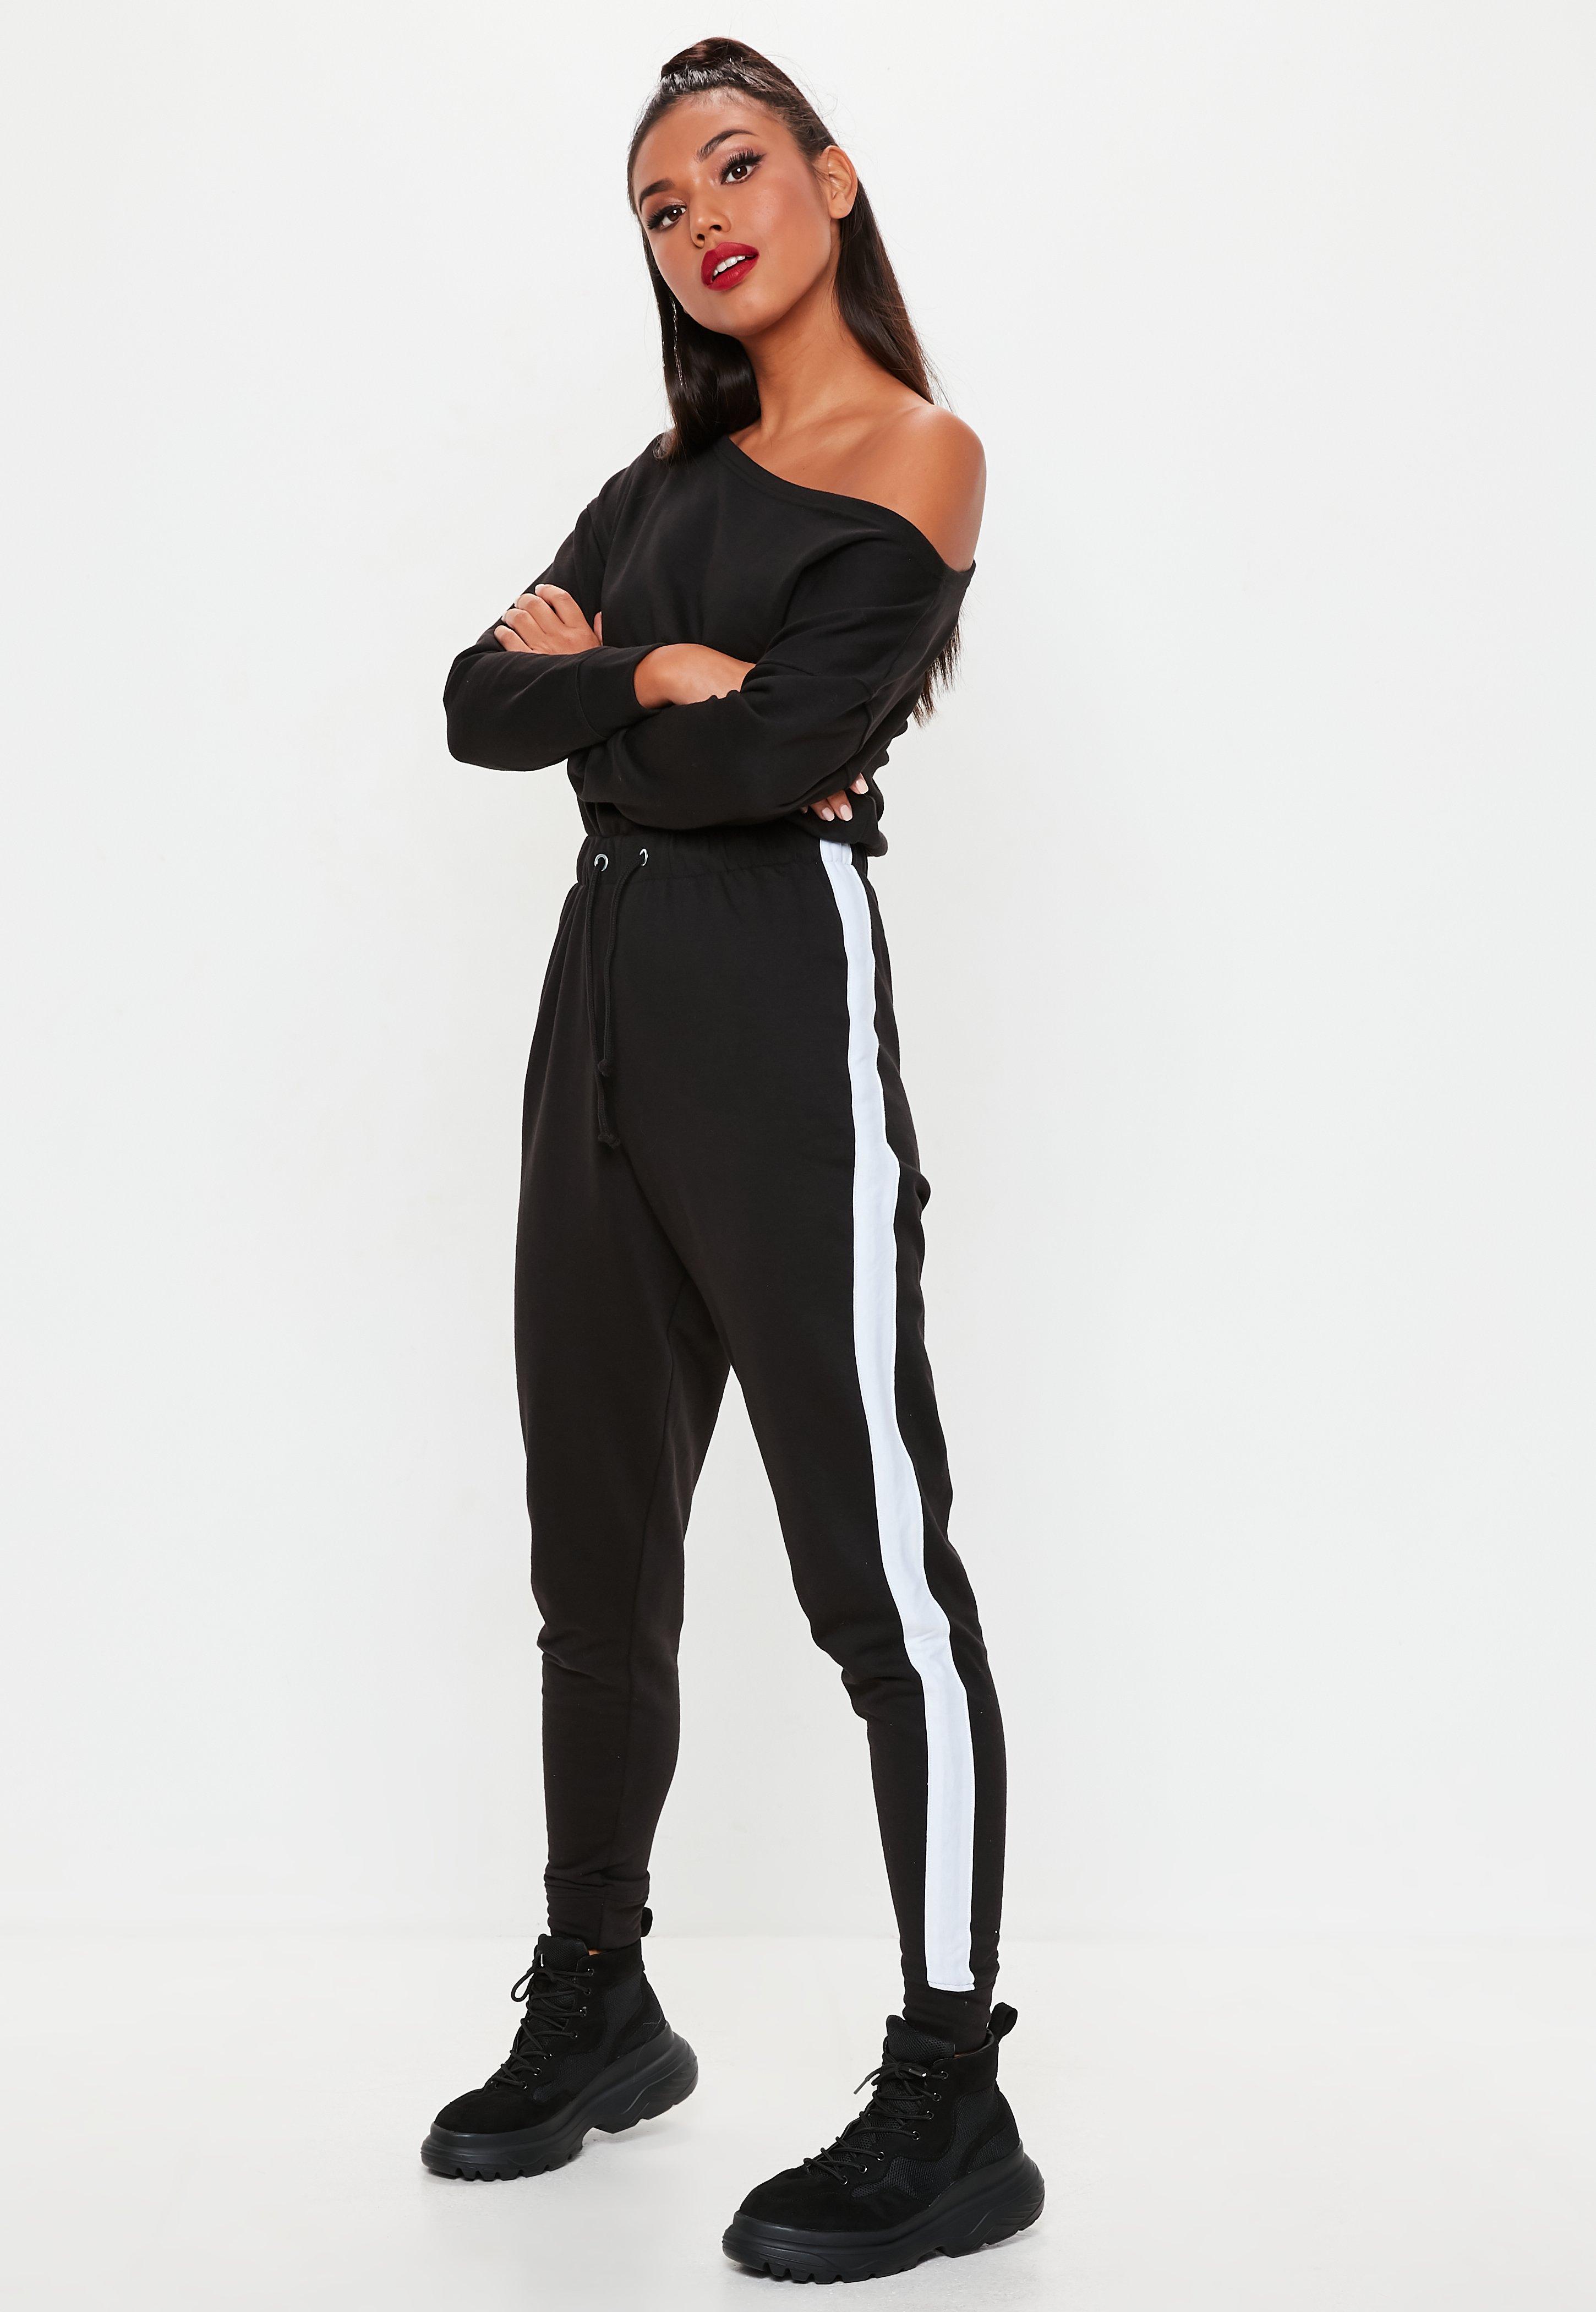 online retailer 3404a 8a3e1 Schwarzer Jumpsuit mit Seitenstreifen